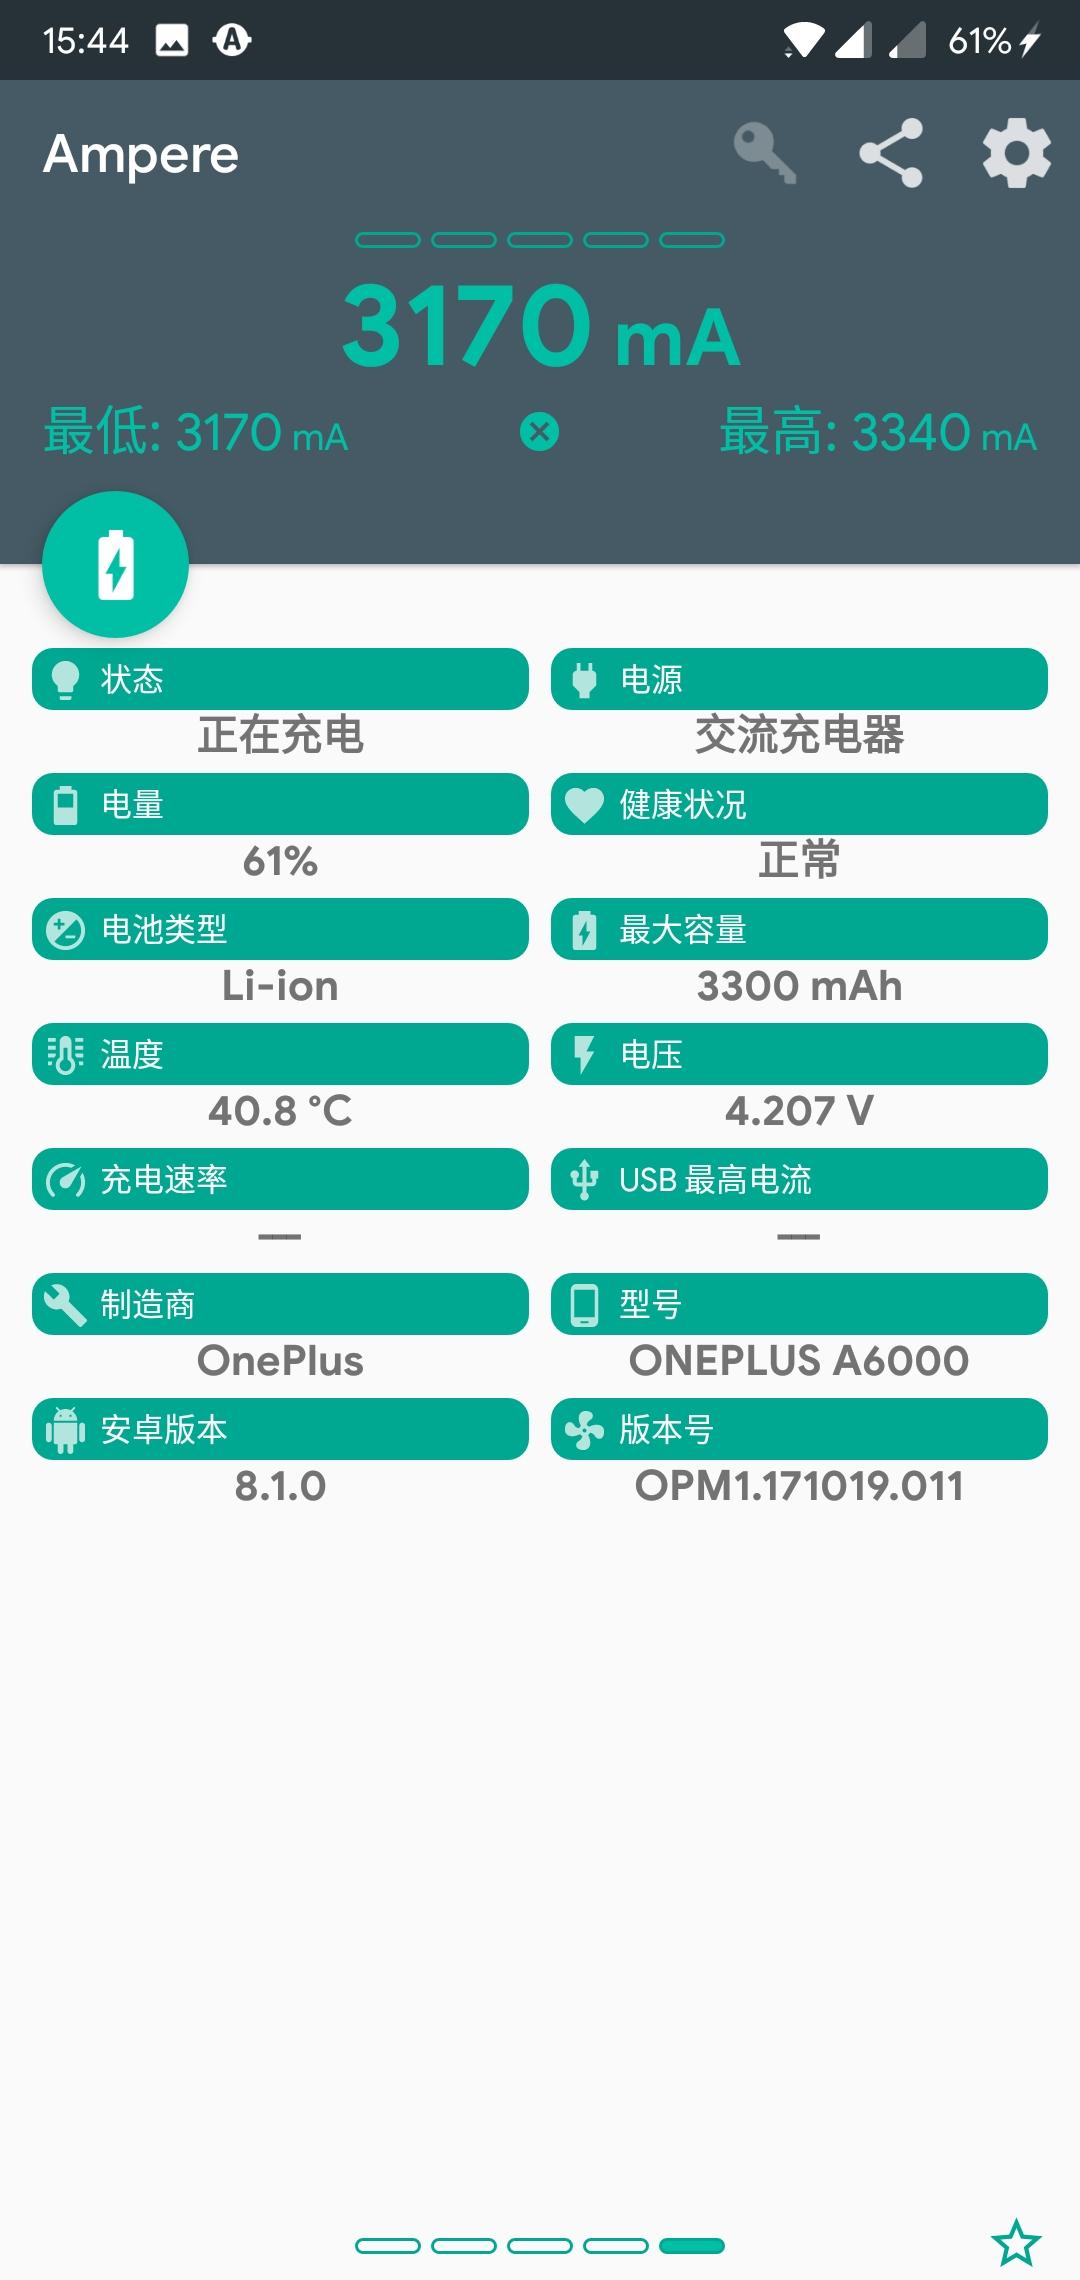 Screenshot_20180619-154405.jpg